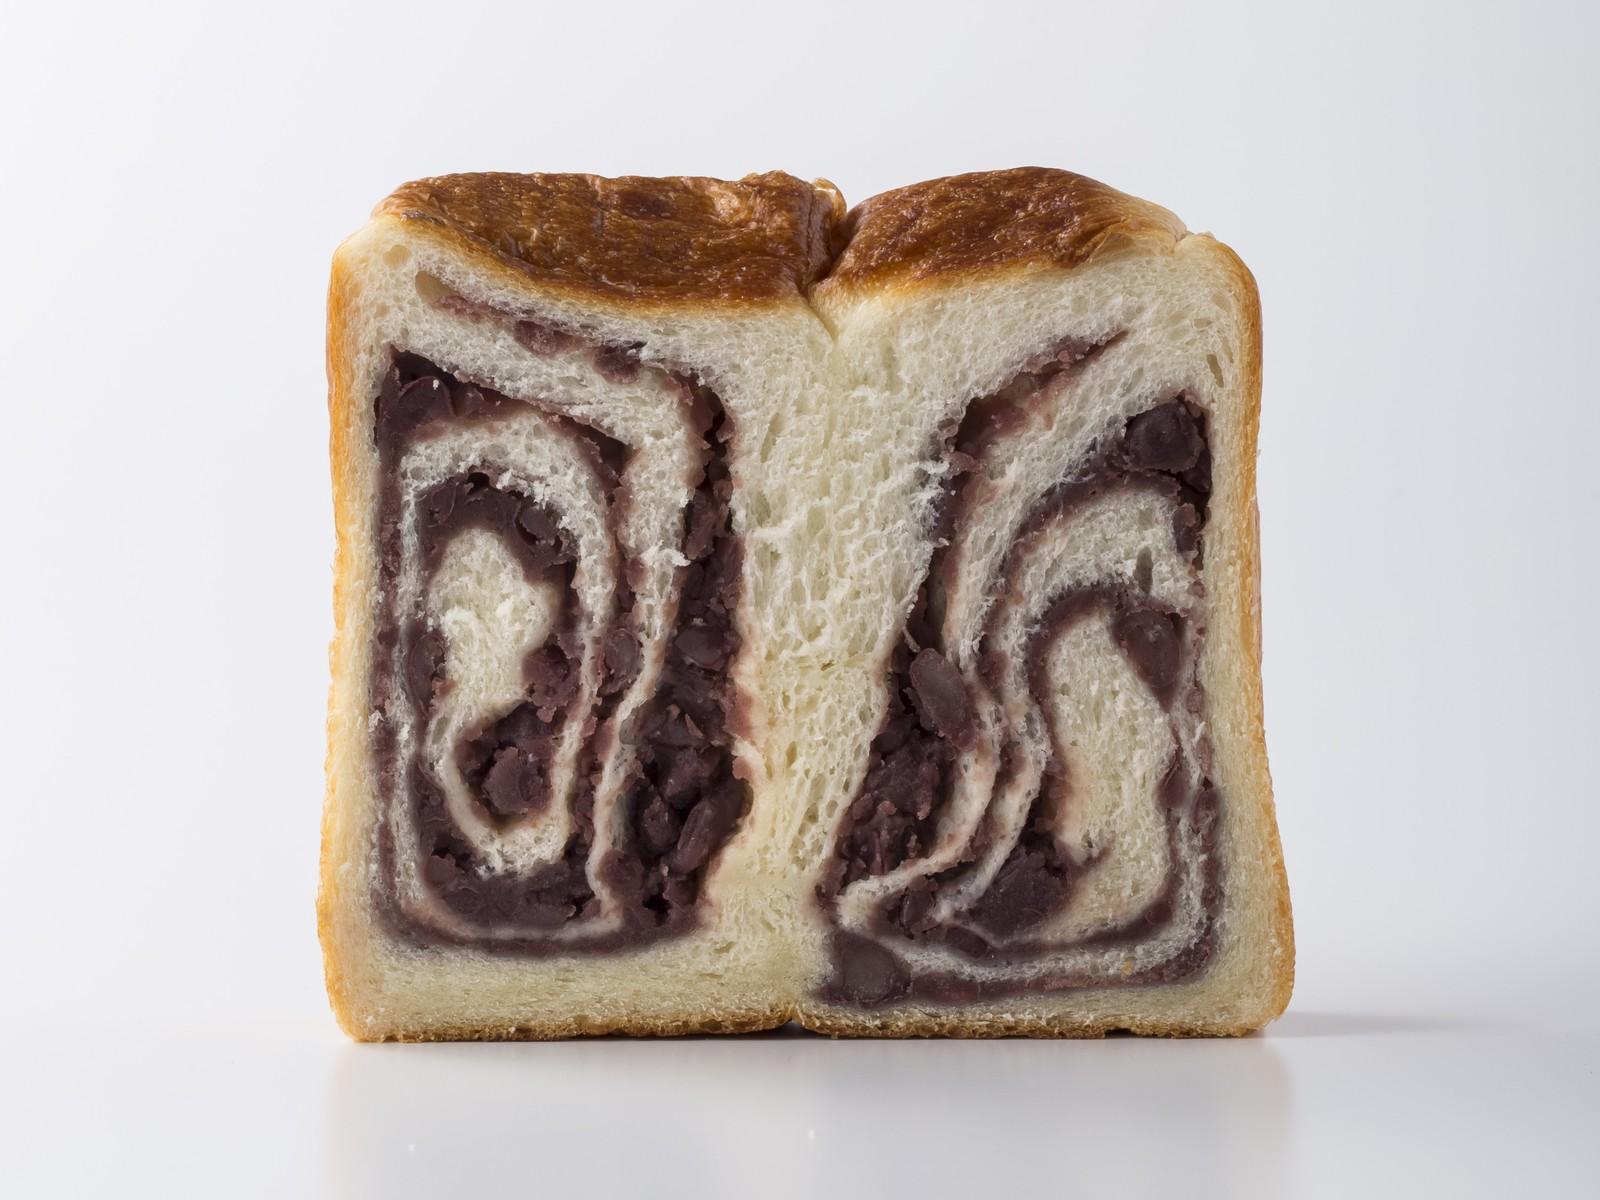 国産小豆をグラニュー糖で炊いた贅沢なあんこをたっぷりと巻き込んだあん食パンです あんCUBECUBE THE BAKERY